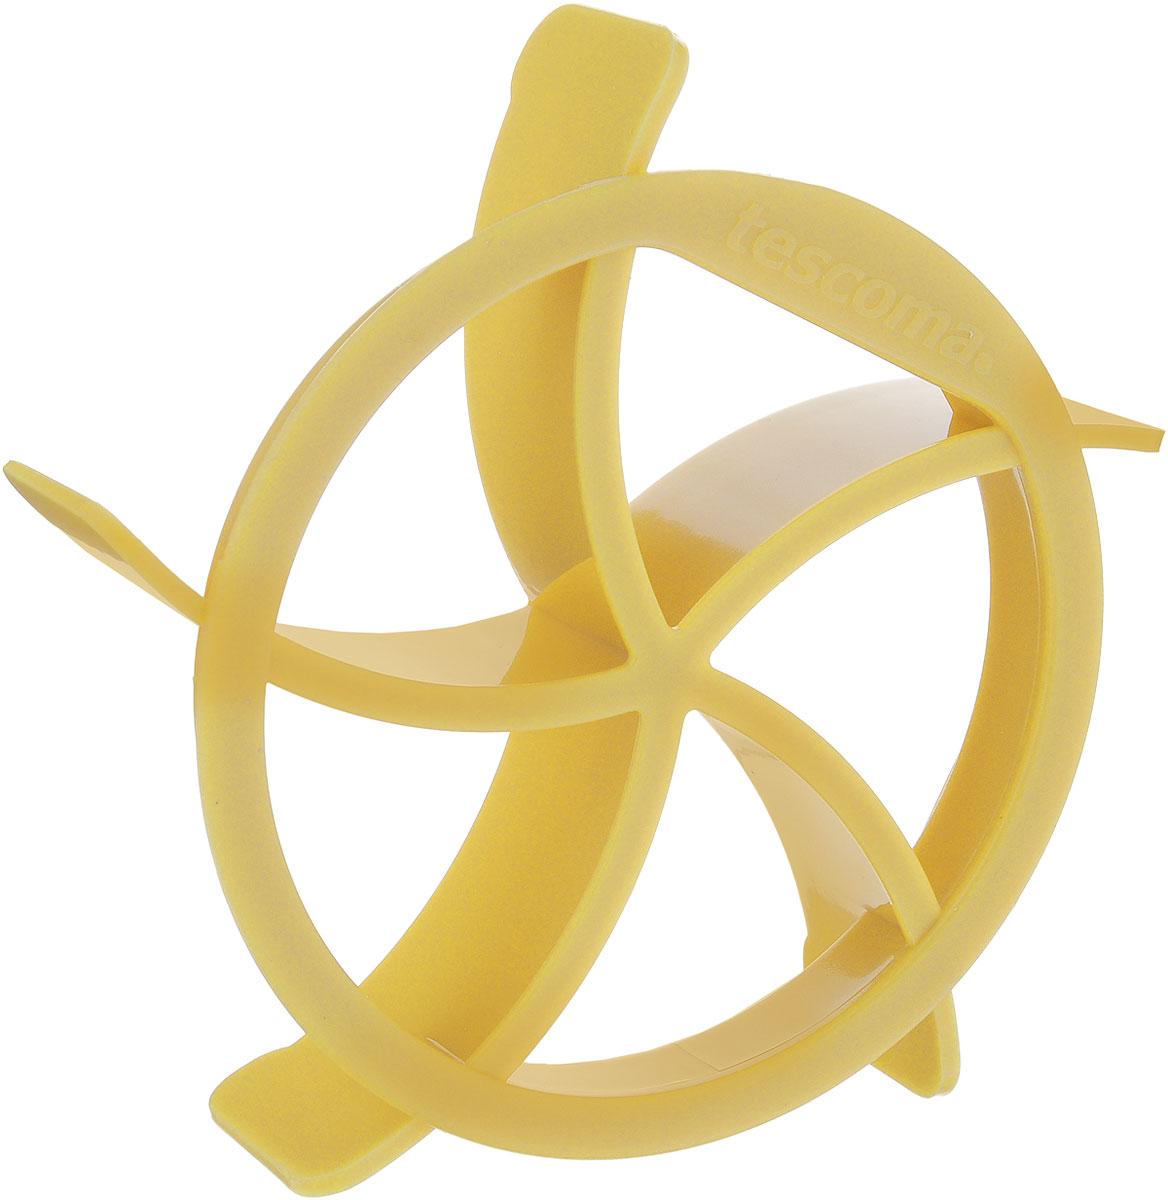 Формочка для кайзерок Tescoma Delicia, цвет: желтый, диаметр 9 см630084_желтыйФормочка для кайзерок Tescoma Delicia прекрасно подходит для приготовления домашней выпечки - булочек кайзерок. Выдавите в булочках с помощью формочки глубокий декор (около 2 мм над поверхностью противня) и приступайте к выпеканию теста. Формочка изготовлена из высококачественного прочного пластика, подходит для мытья в посудомоечной машине. Диаметр: 9 см.